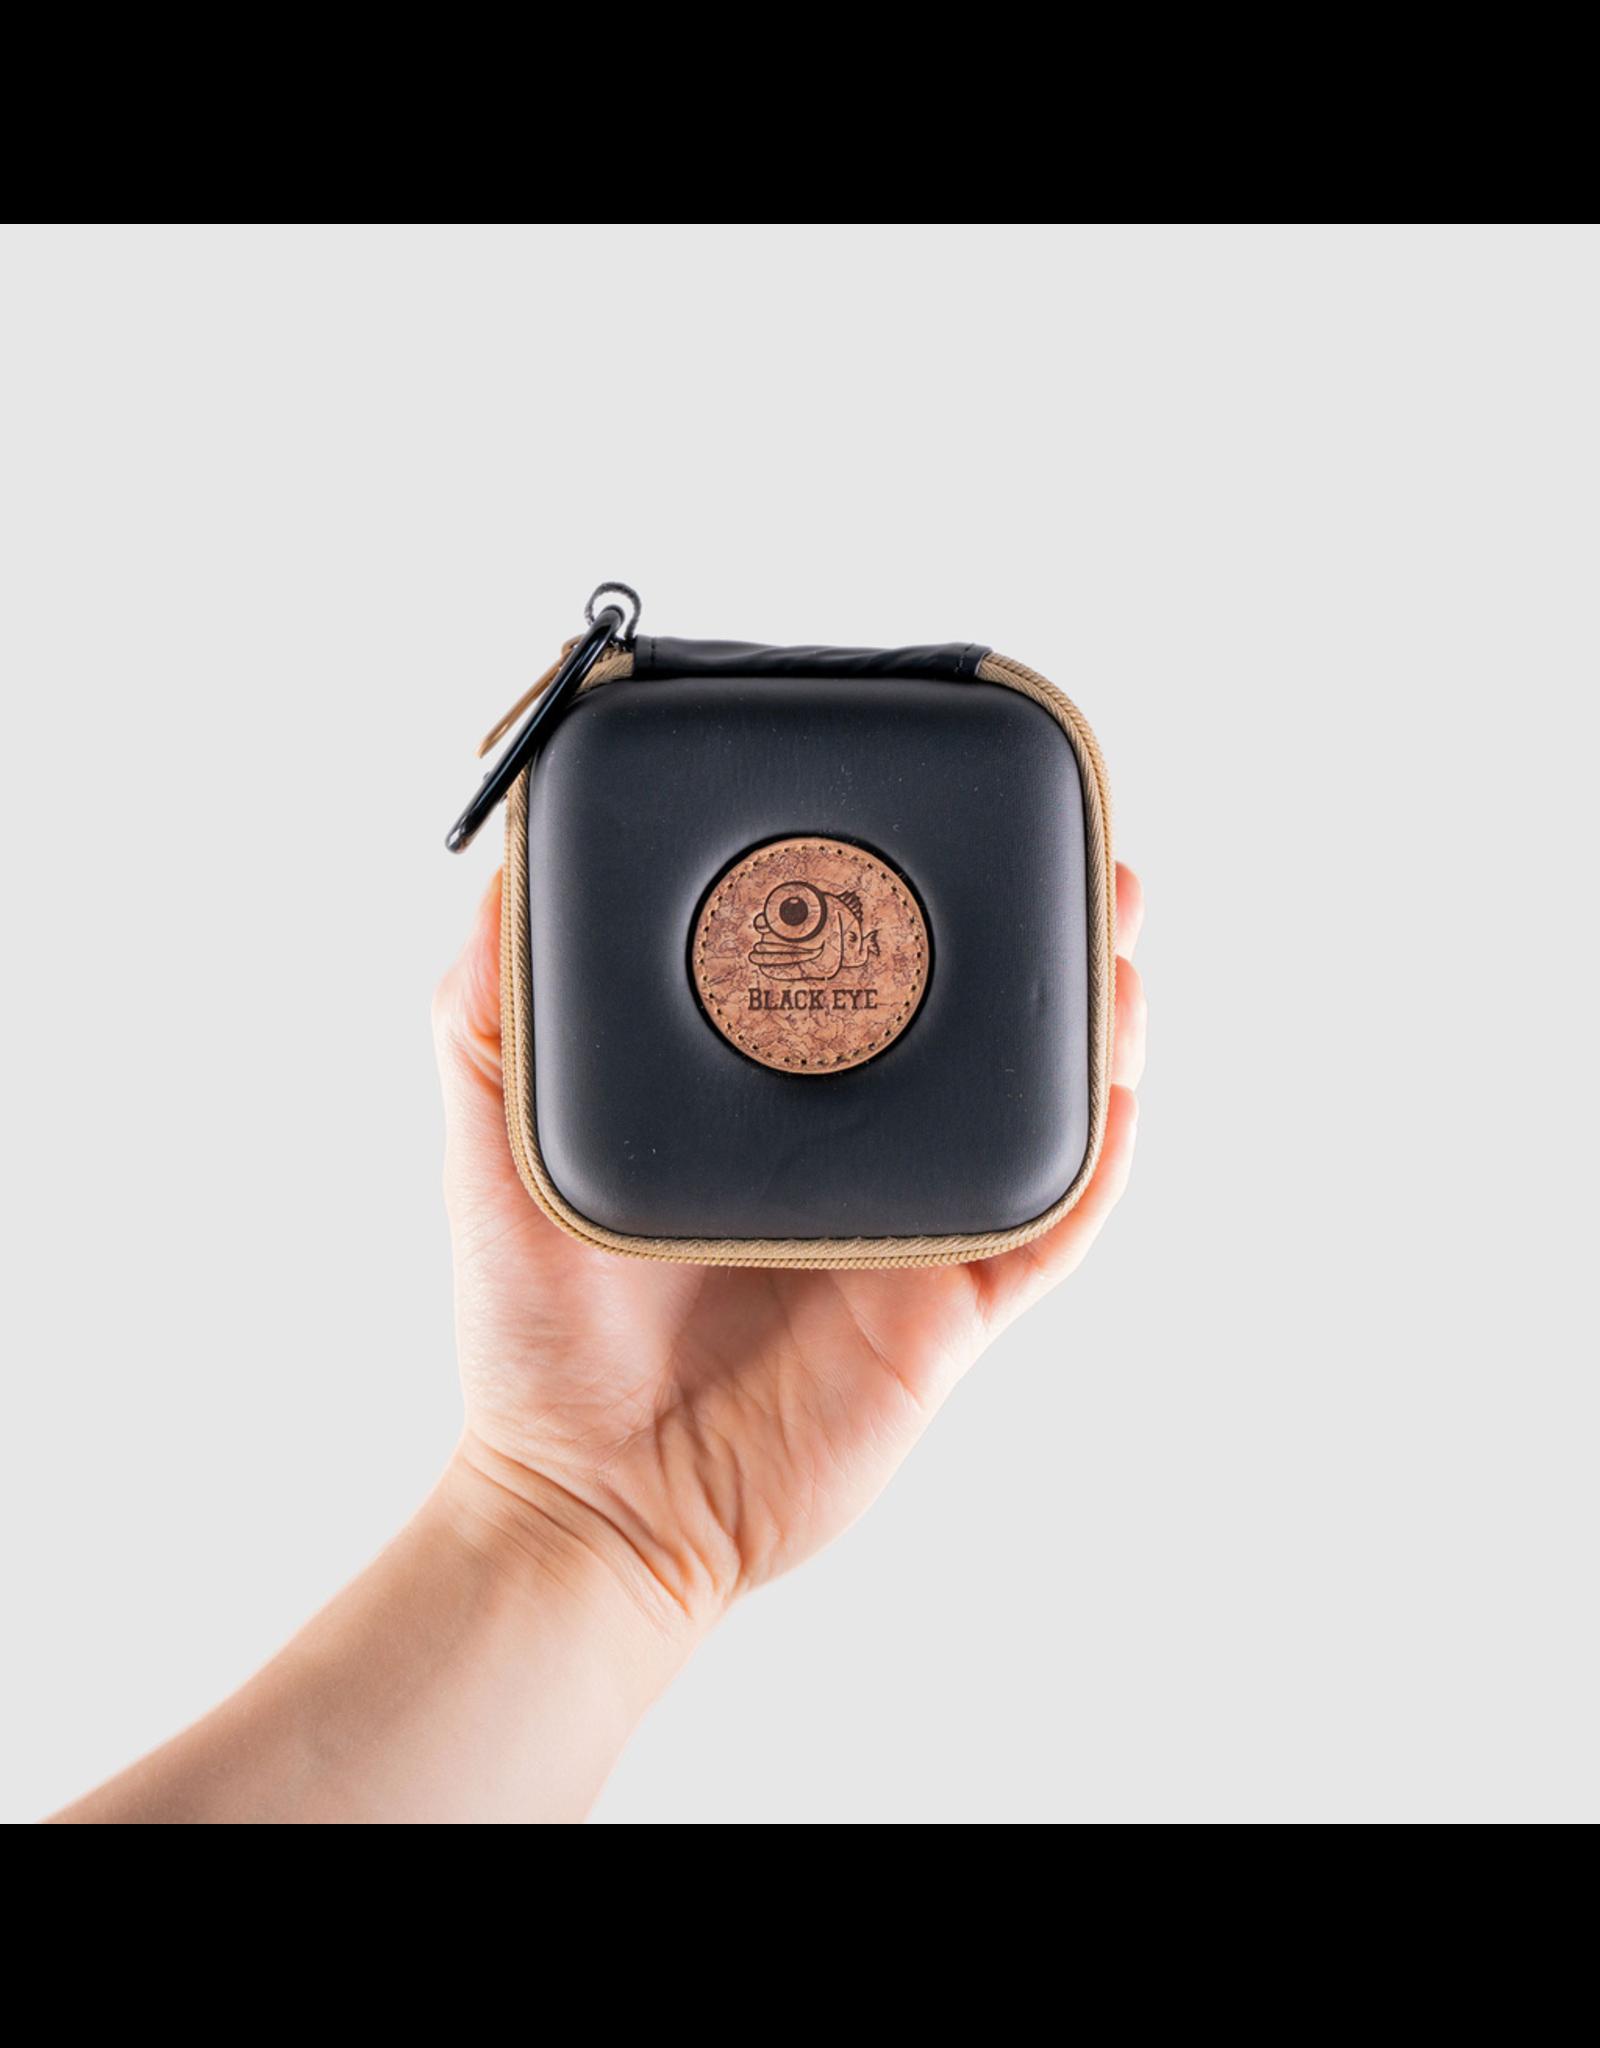 Black Eye Black Eye Travel Kit G4  (includes easy-to-pack zipper travel case)